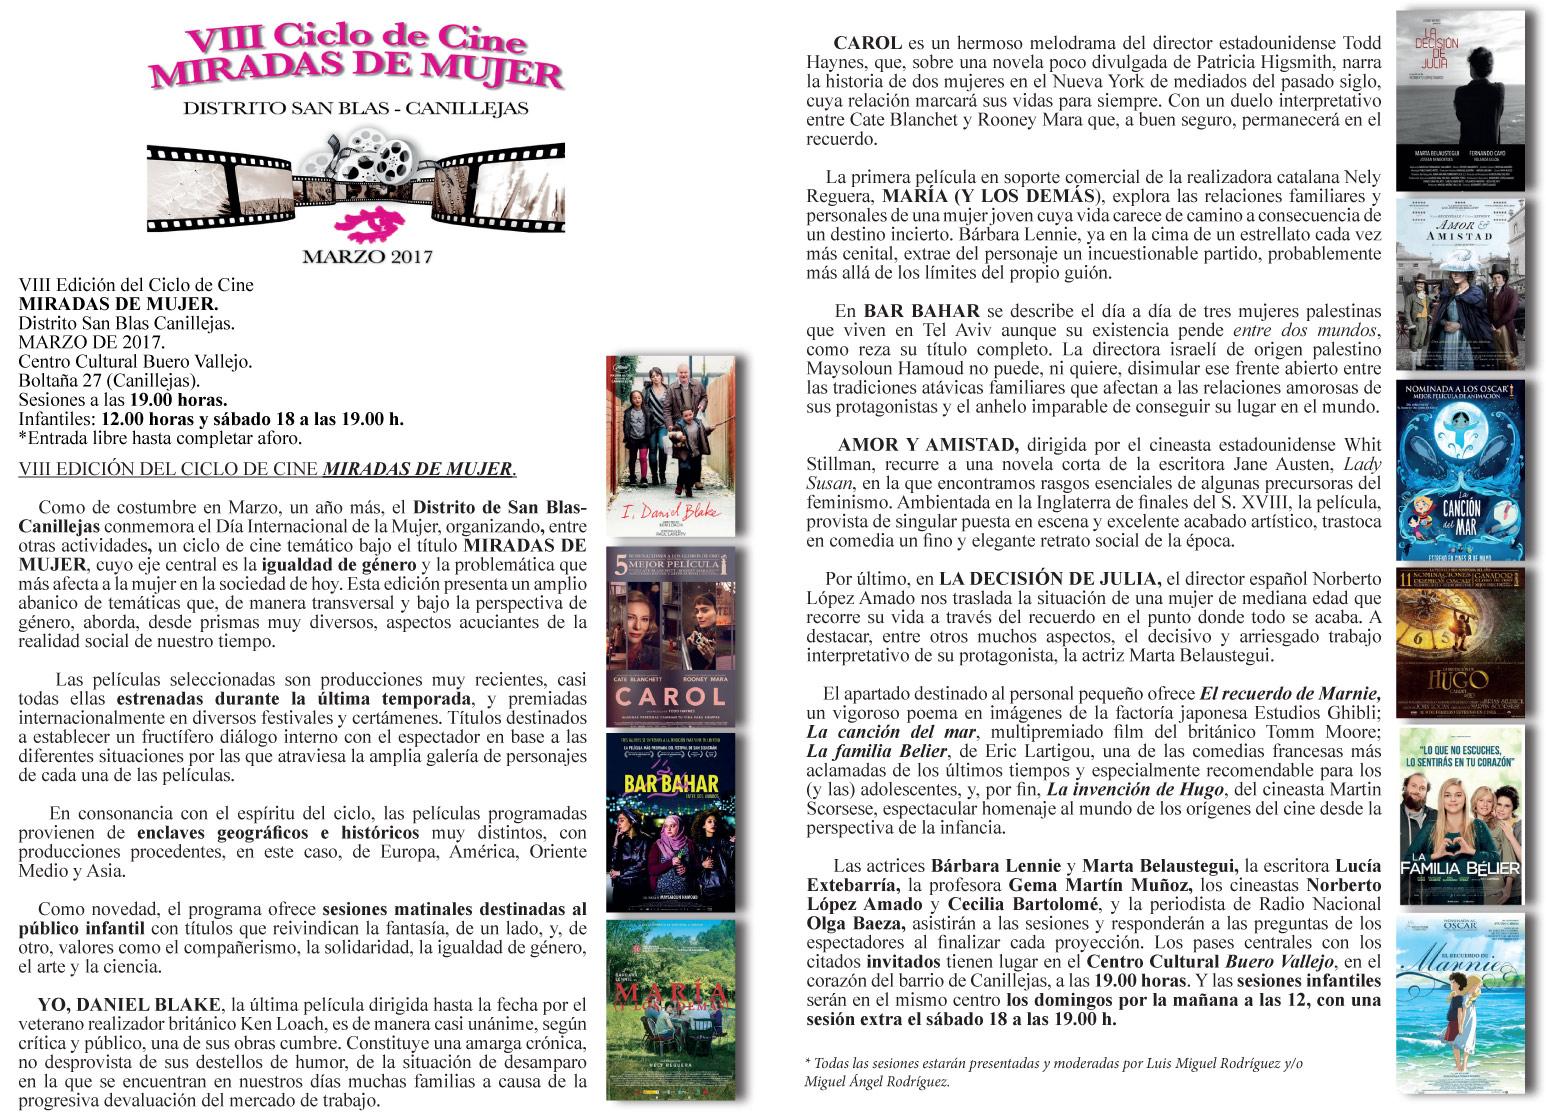 VIII Ciclo de Cine MIRADAS DE MUJER